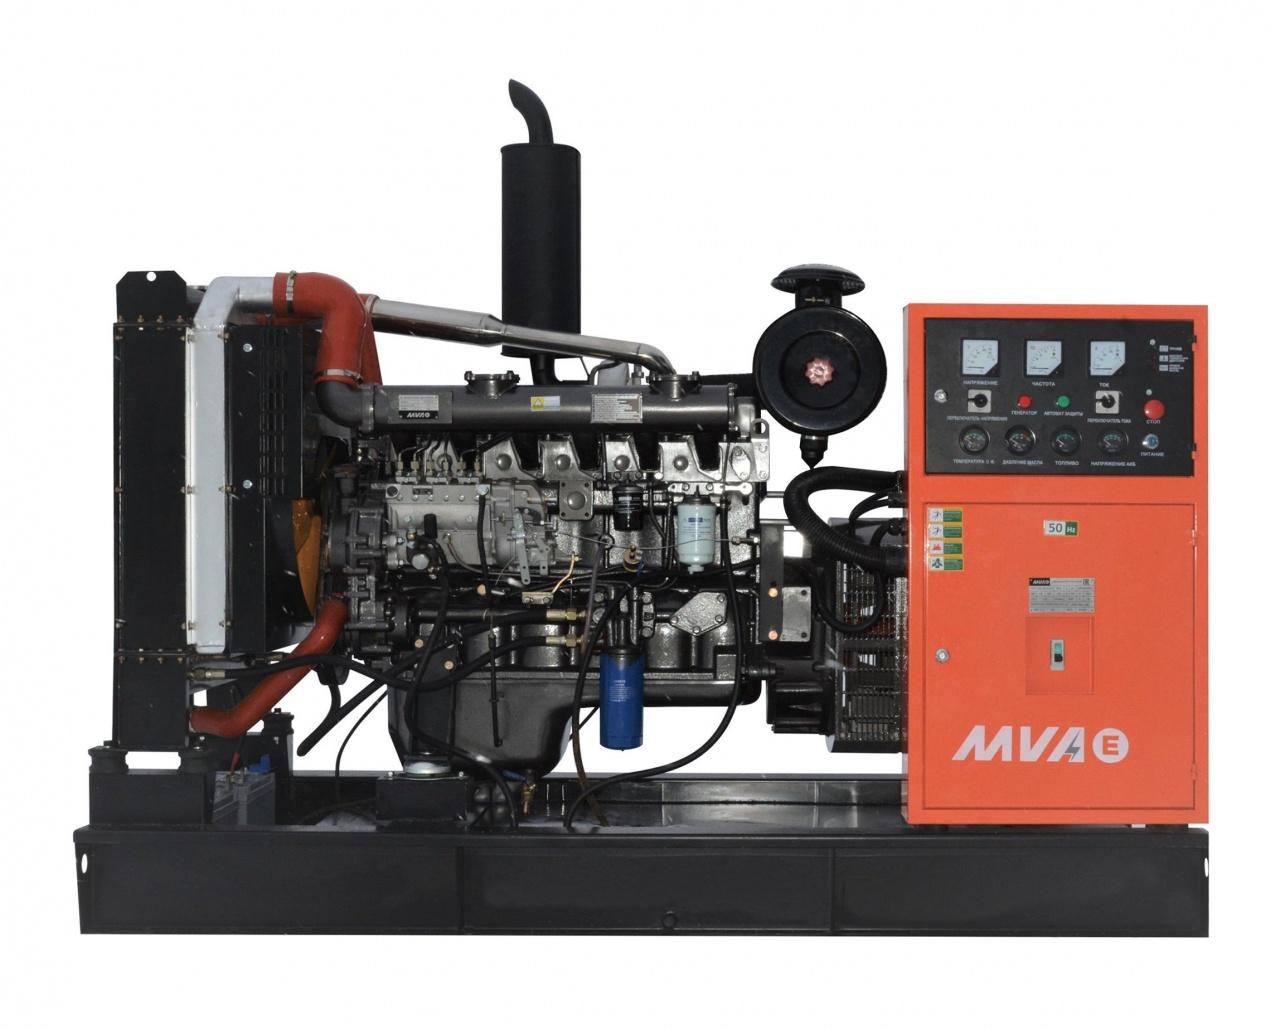 дизельная электростанция mvae ад-80-400-р